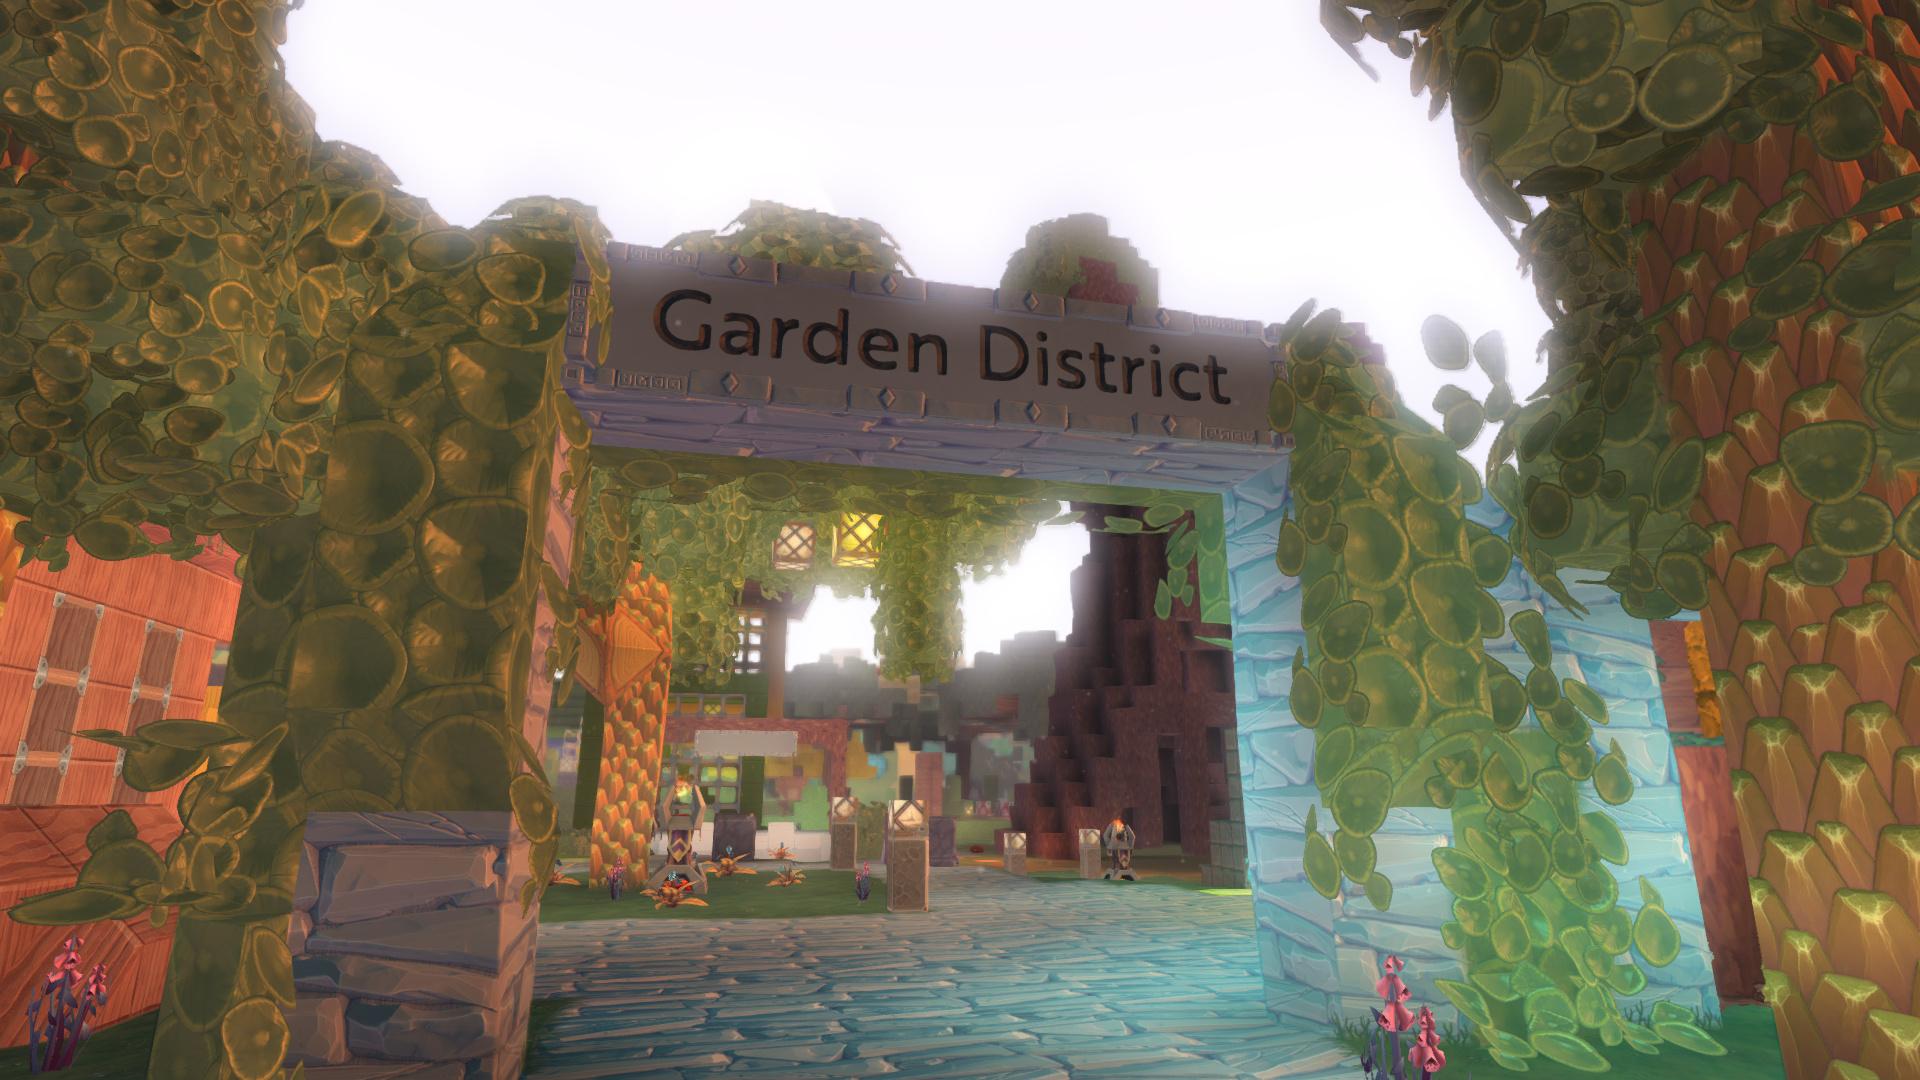 boundless 1_23_2018 7_07_29 pmjpg1920x1080 809 kb - Empire Garden